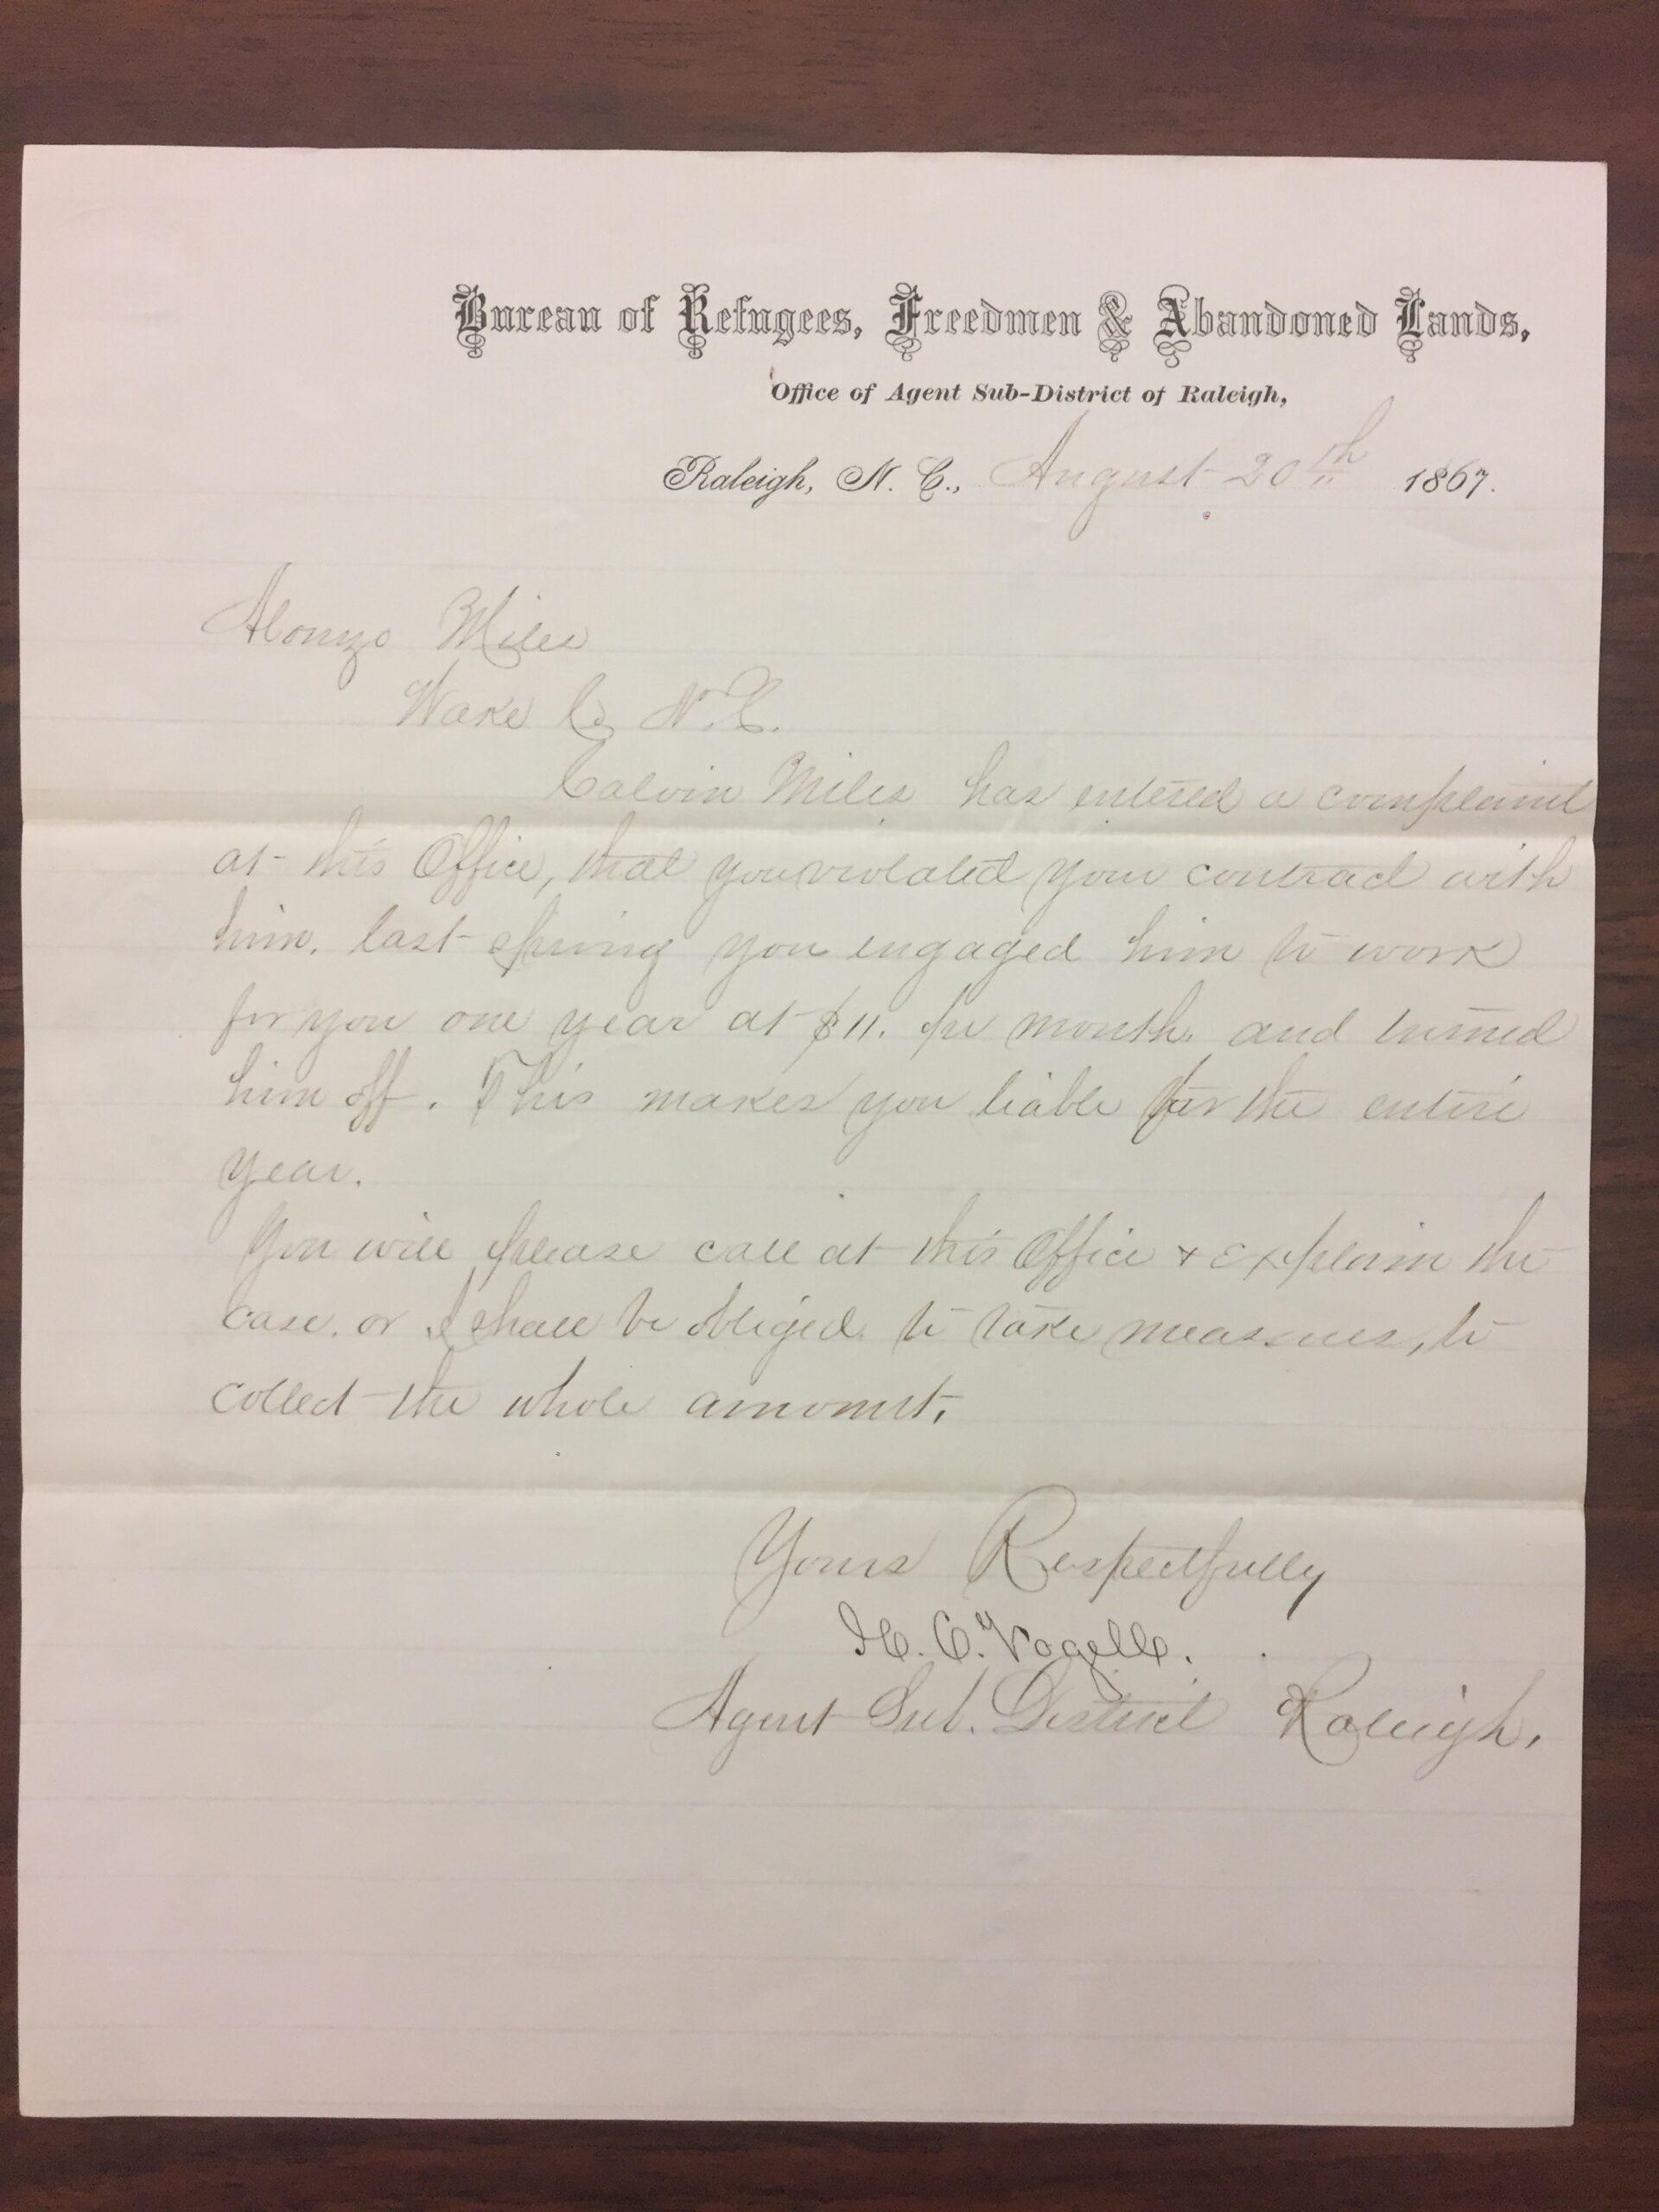 Freedmen's Bureau to Alonzo T. Mial Aug. 30 1867